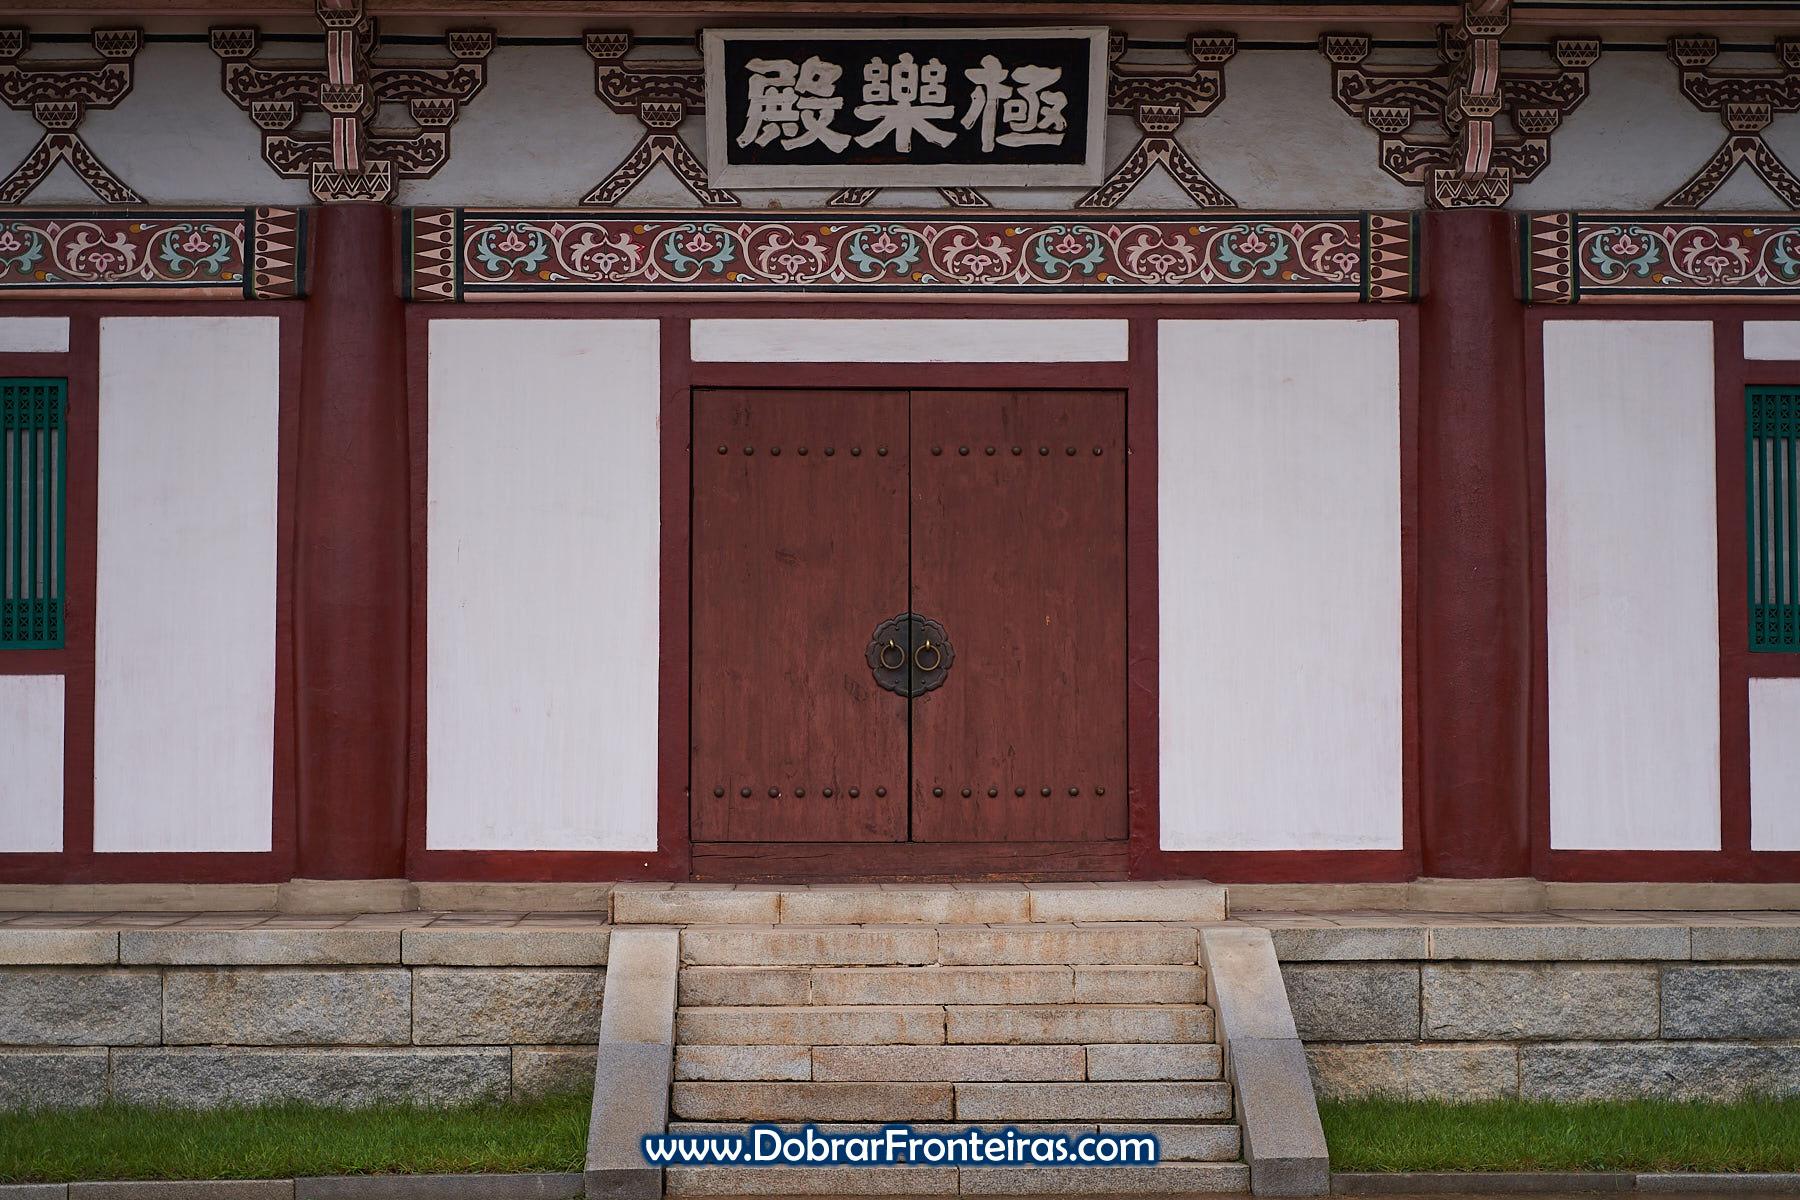 Porta vermelha de templo budista